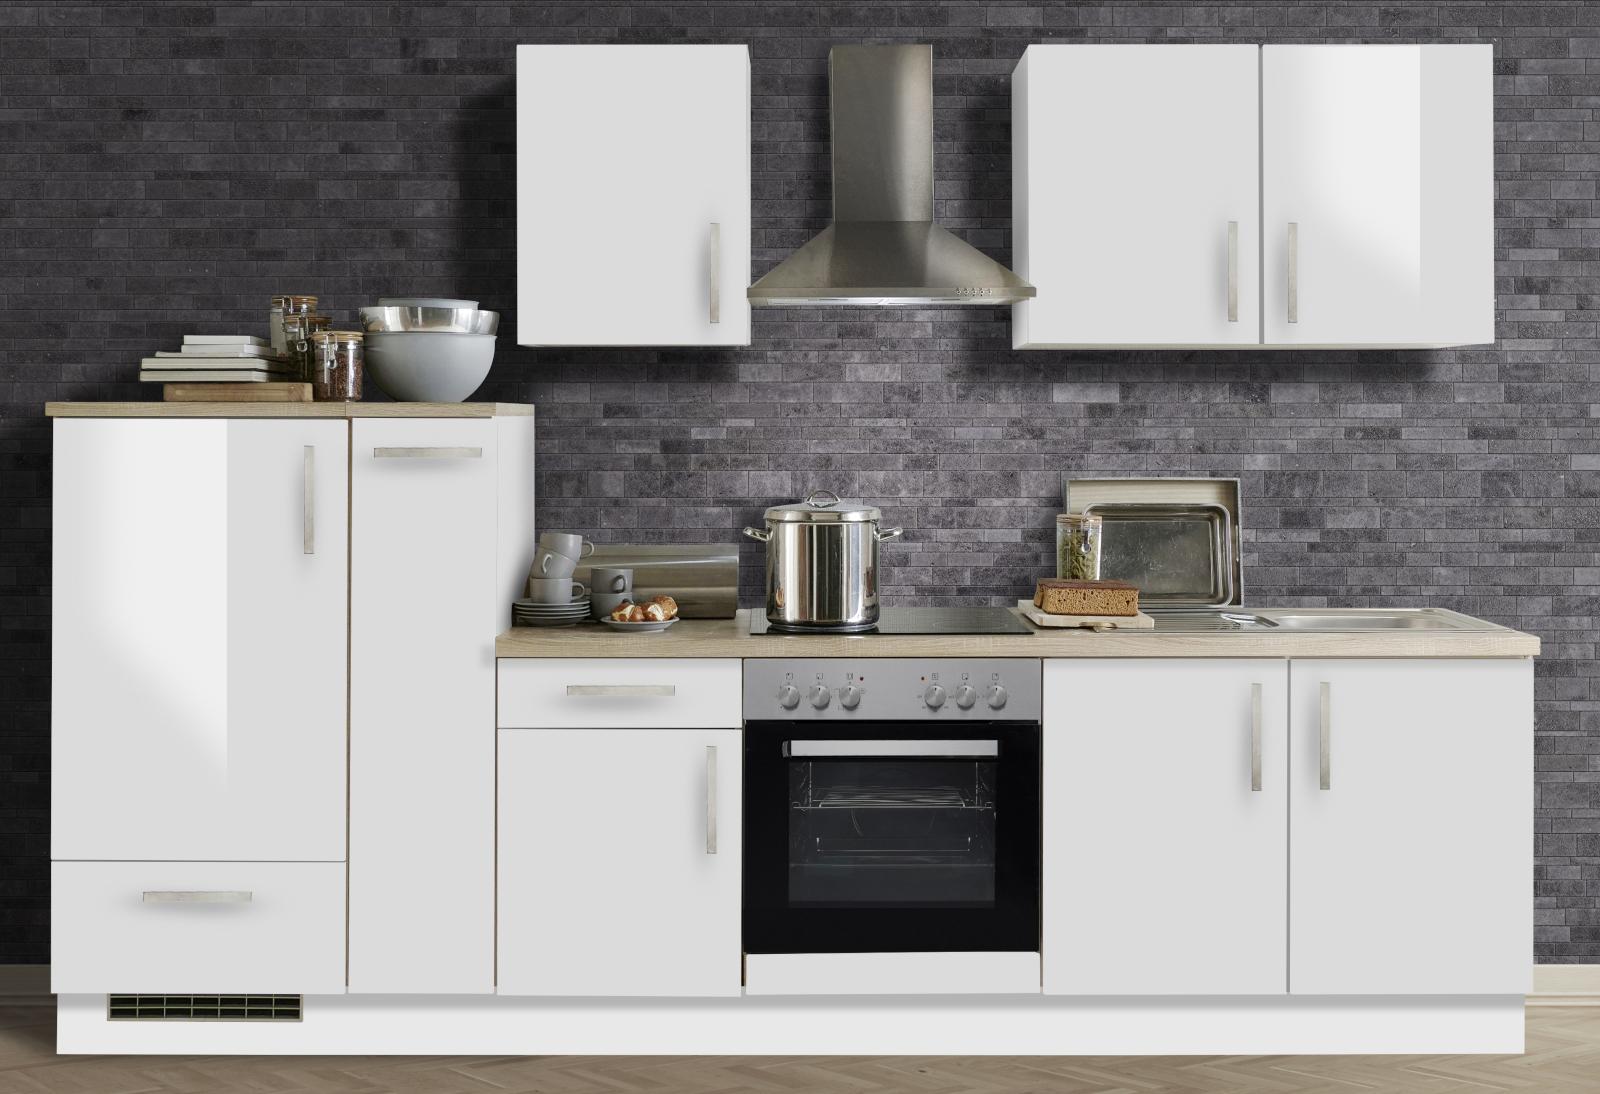 Full Size of Küche Mit E Geräten Gebraucht Küche Mit E Geräten Günstig Küche Mit E Geräten Kaufen Einbauküche Mit Allen E Geräten Küche Einbauküche Mit E Geräten